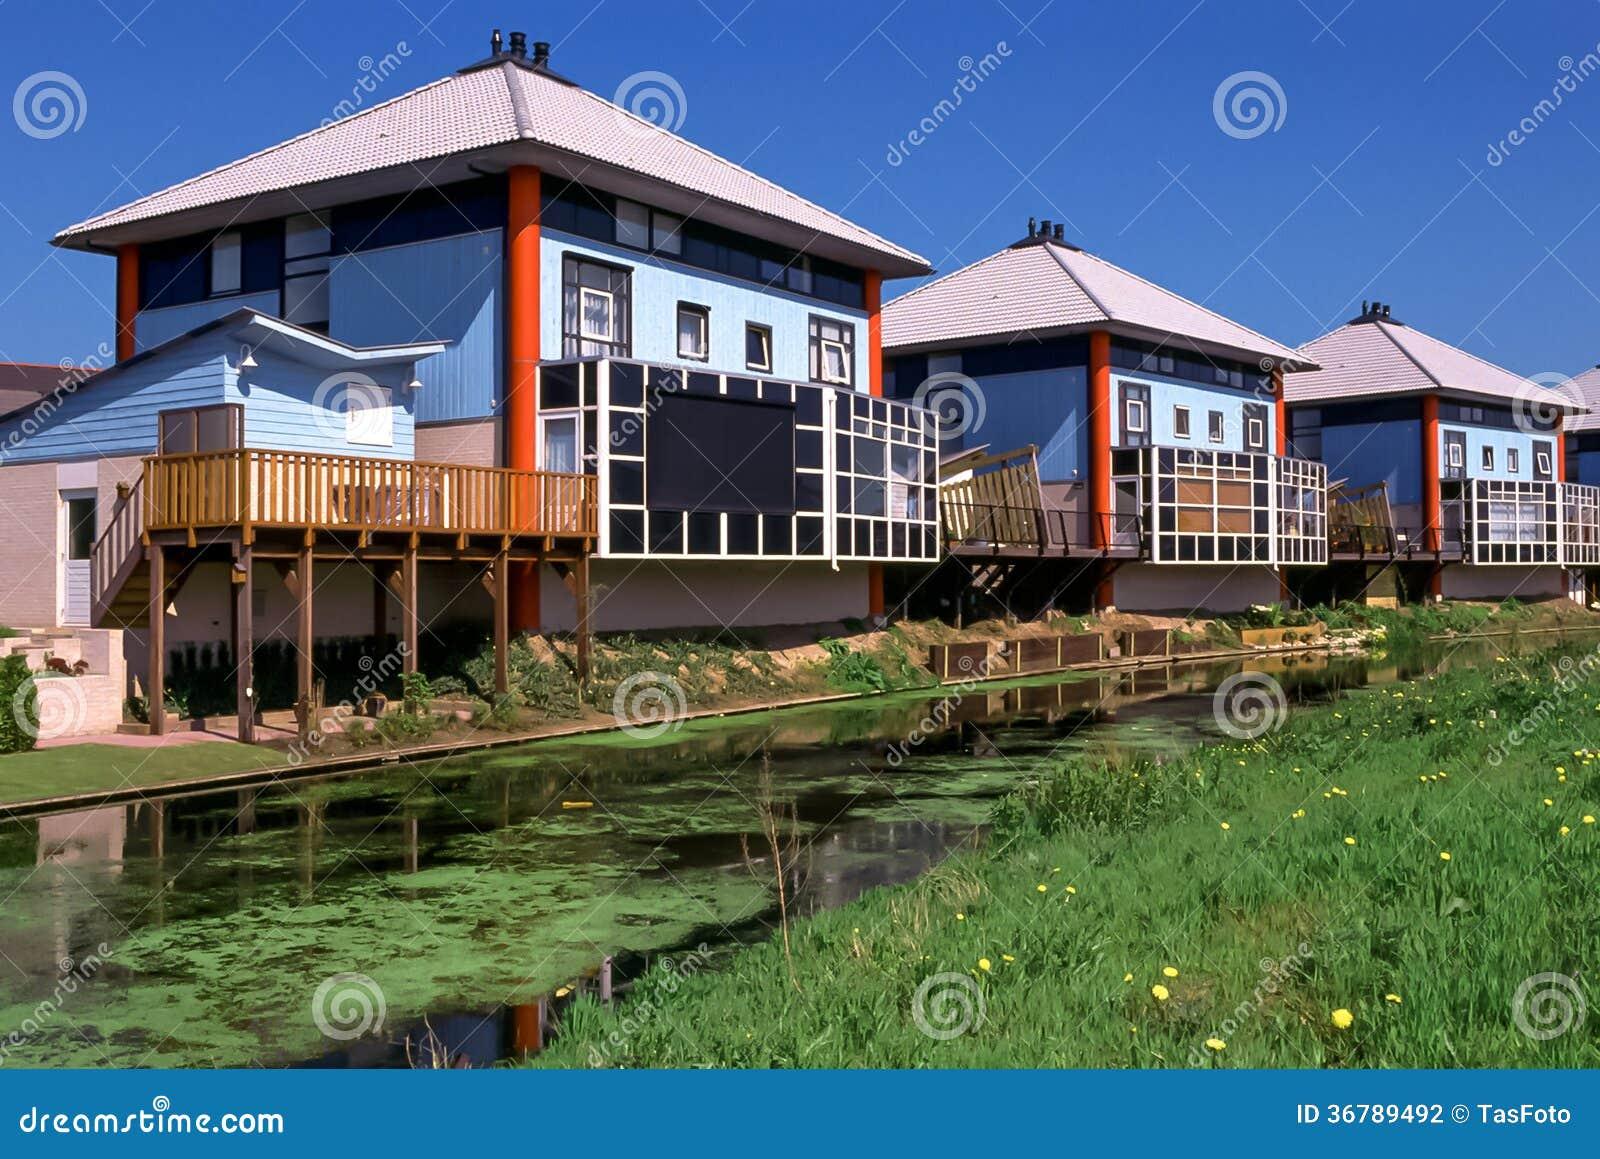 Moderne terrasvormige huizen in nederland redactionele fotografie afbeelding 36789492 for Afbeelding van moderne huizen